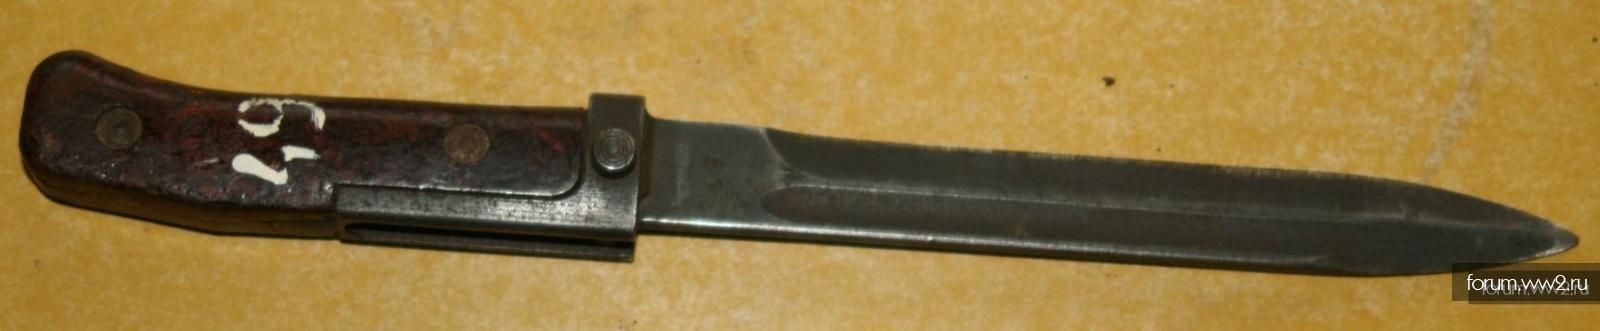 штык нож на определение